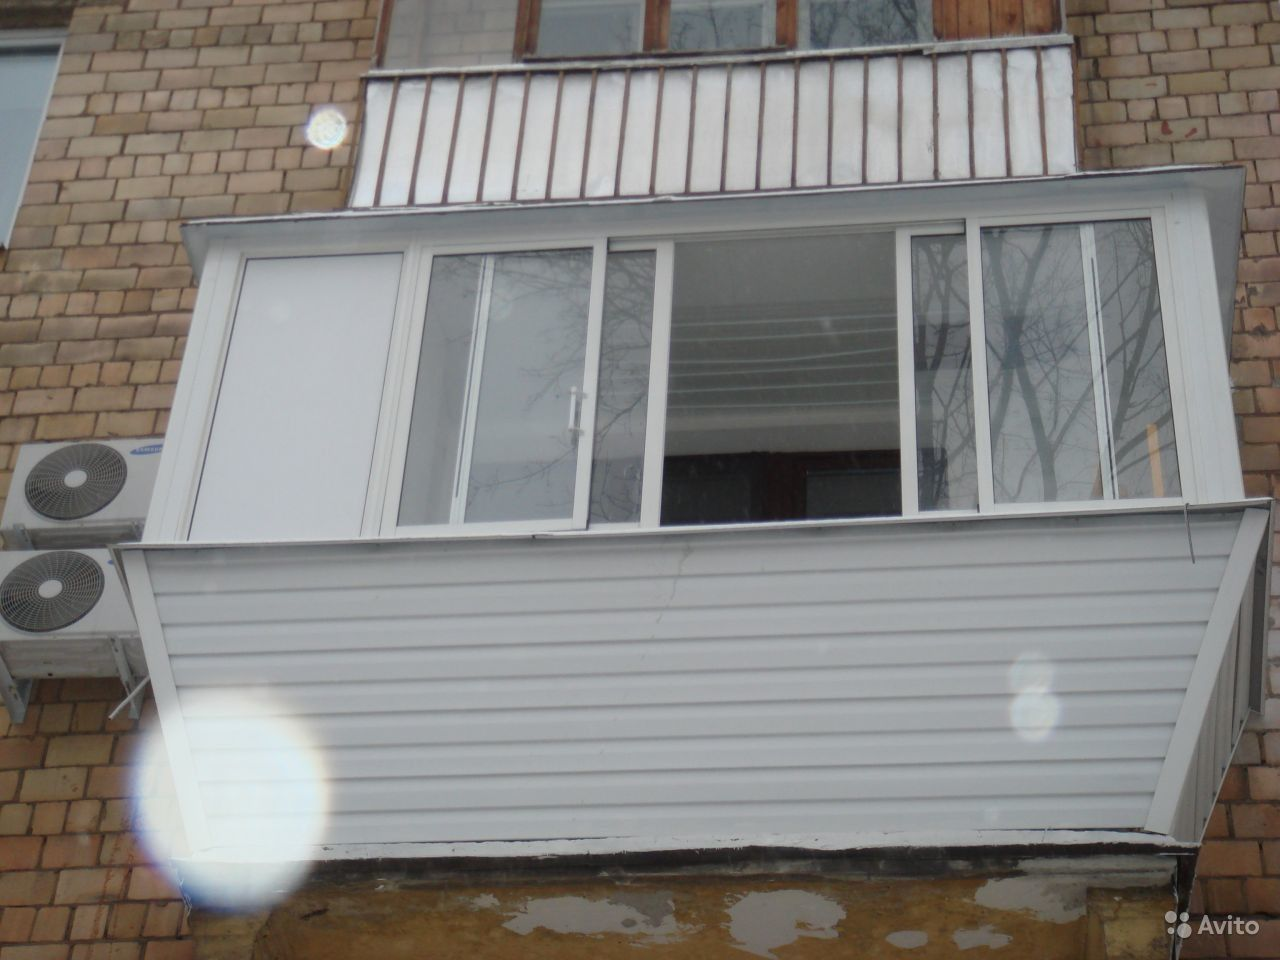 Конструкция раздвижного балкона с тремя стеклами. - новый ди.